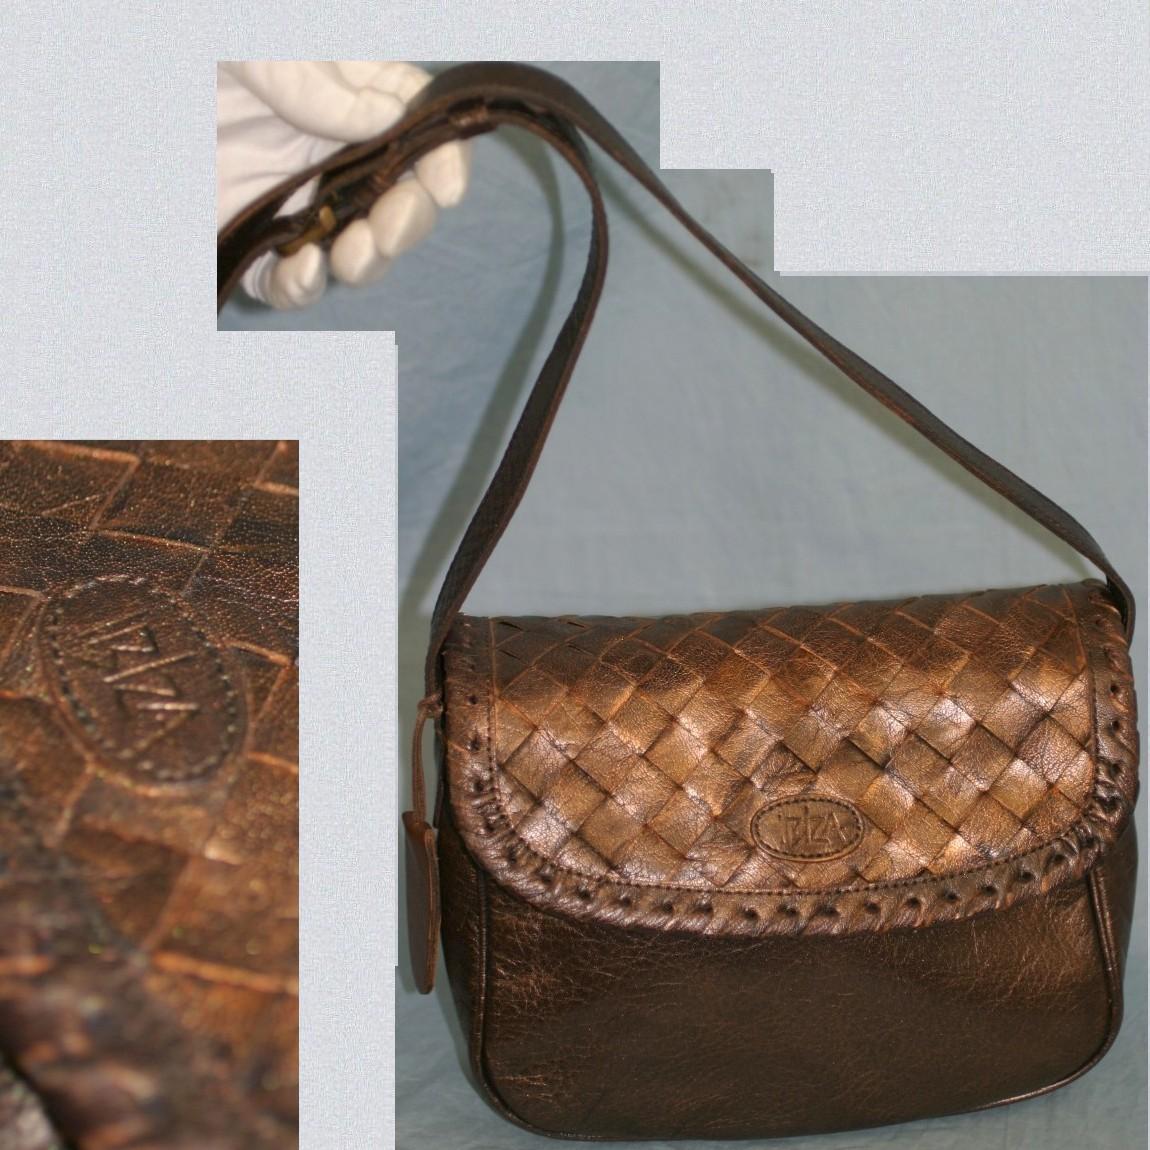 【中古】本物イビザ女性用21センチ蓋の部分が編みこんだ革ブロンズ色お洒落なショルダー